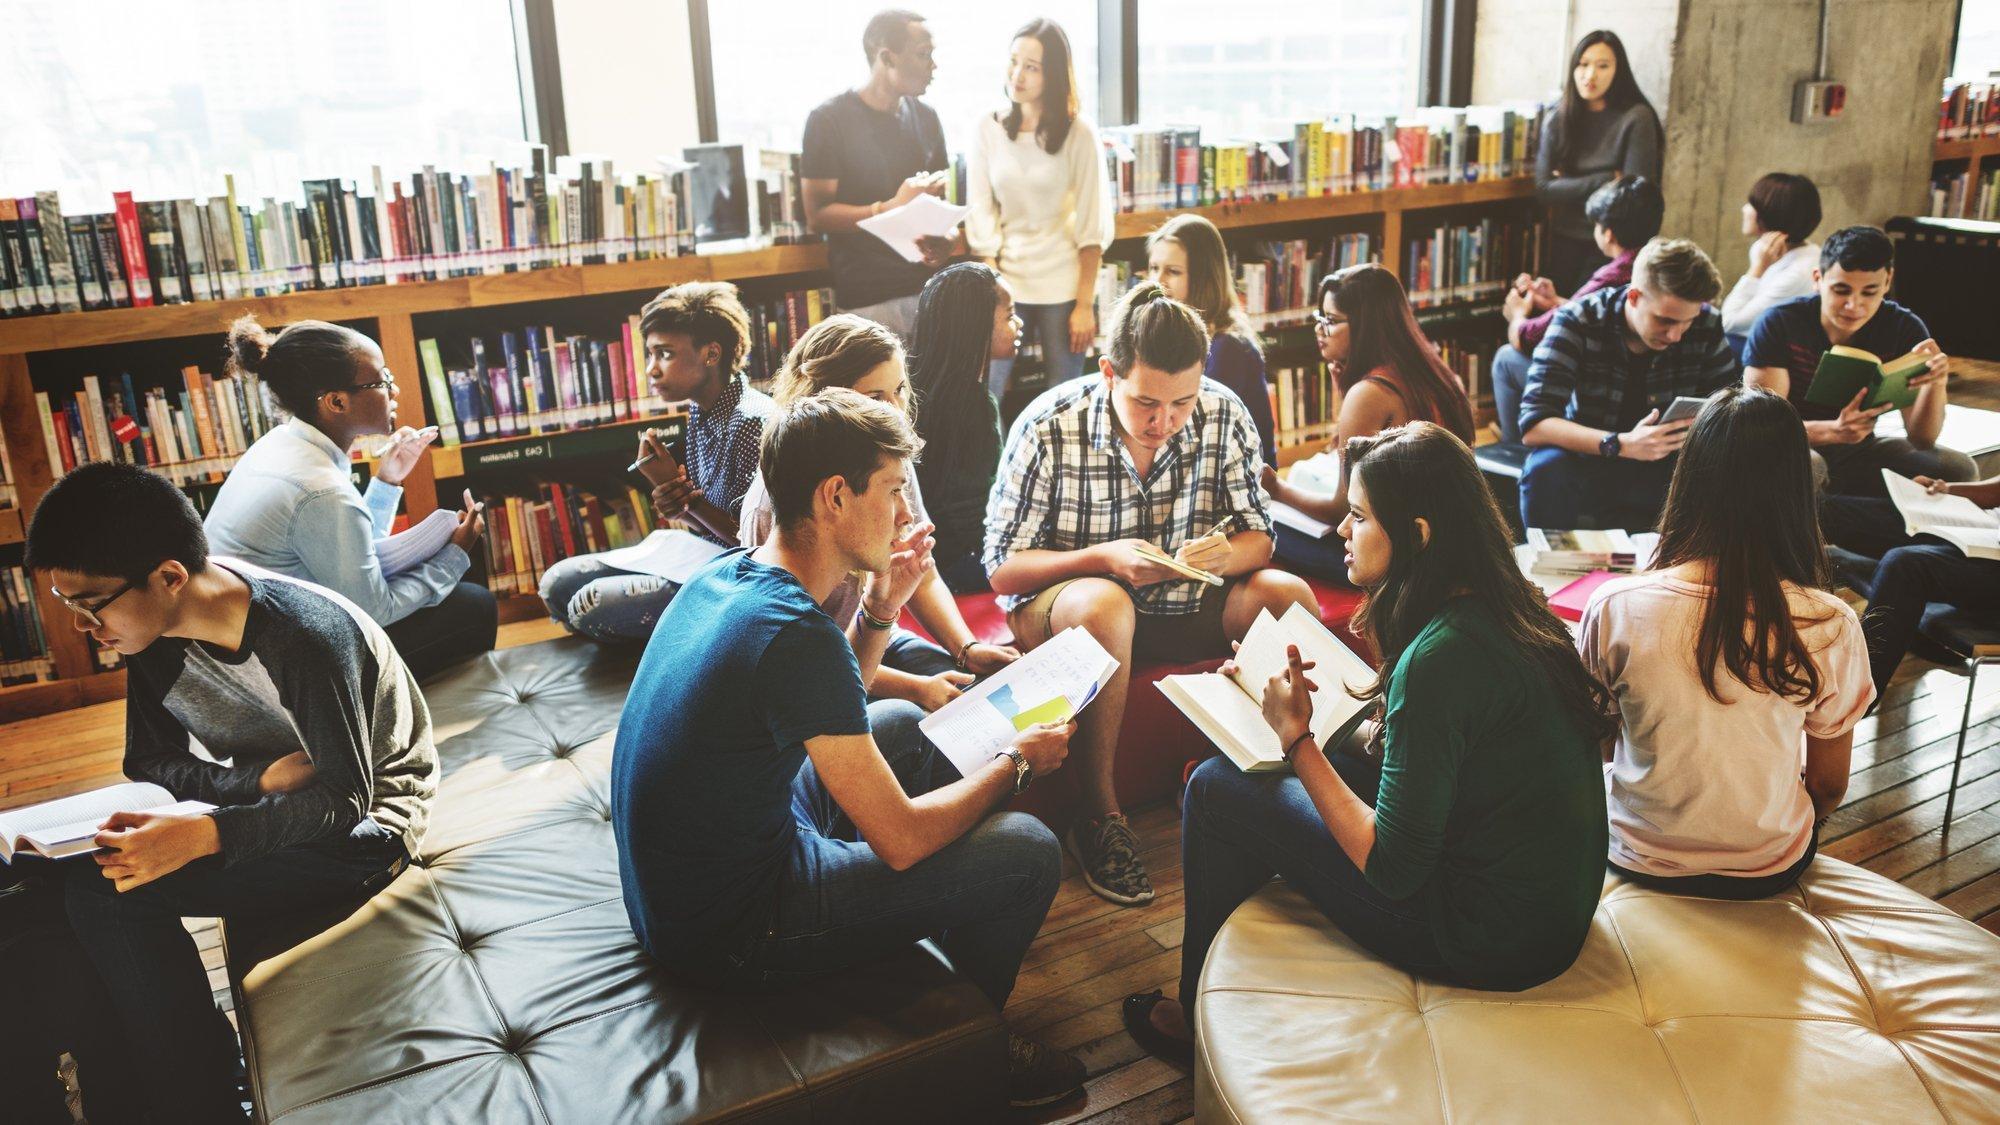 Junge Menschen diskutieren und lernen in einer Bibliothek.